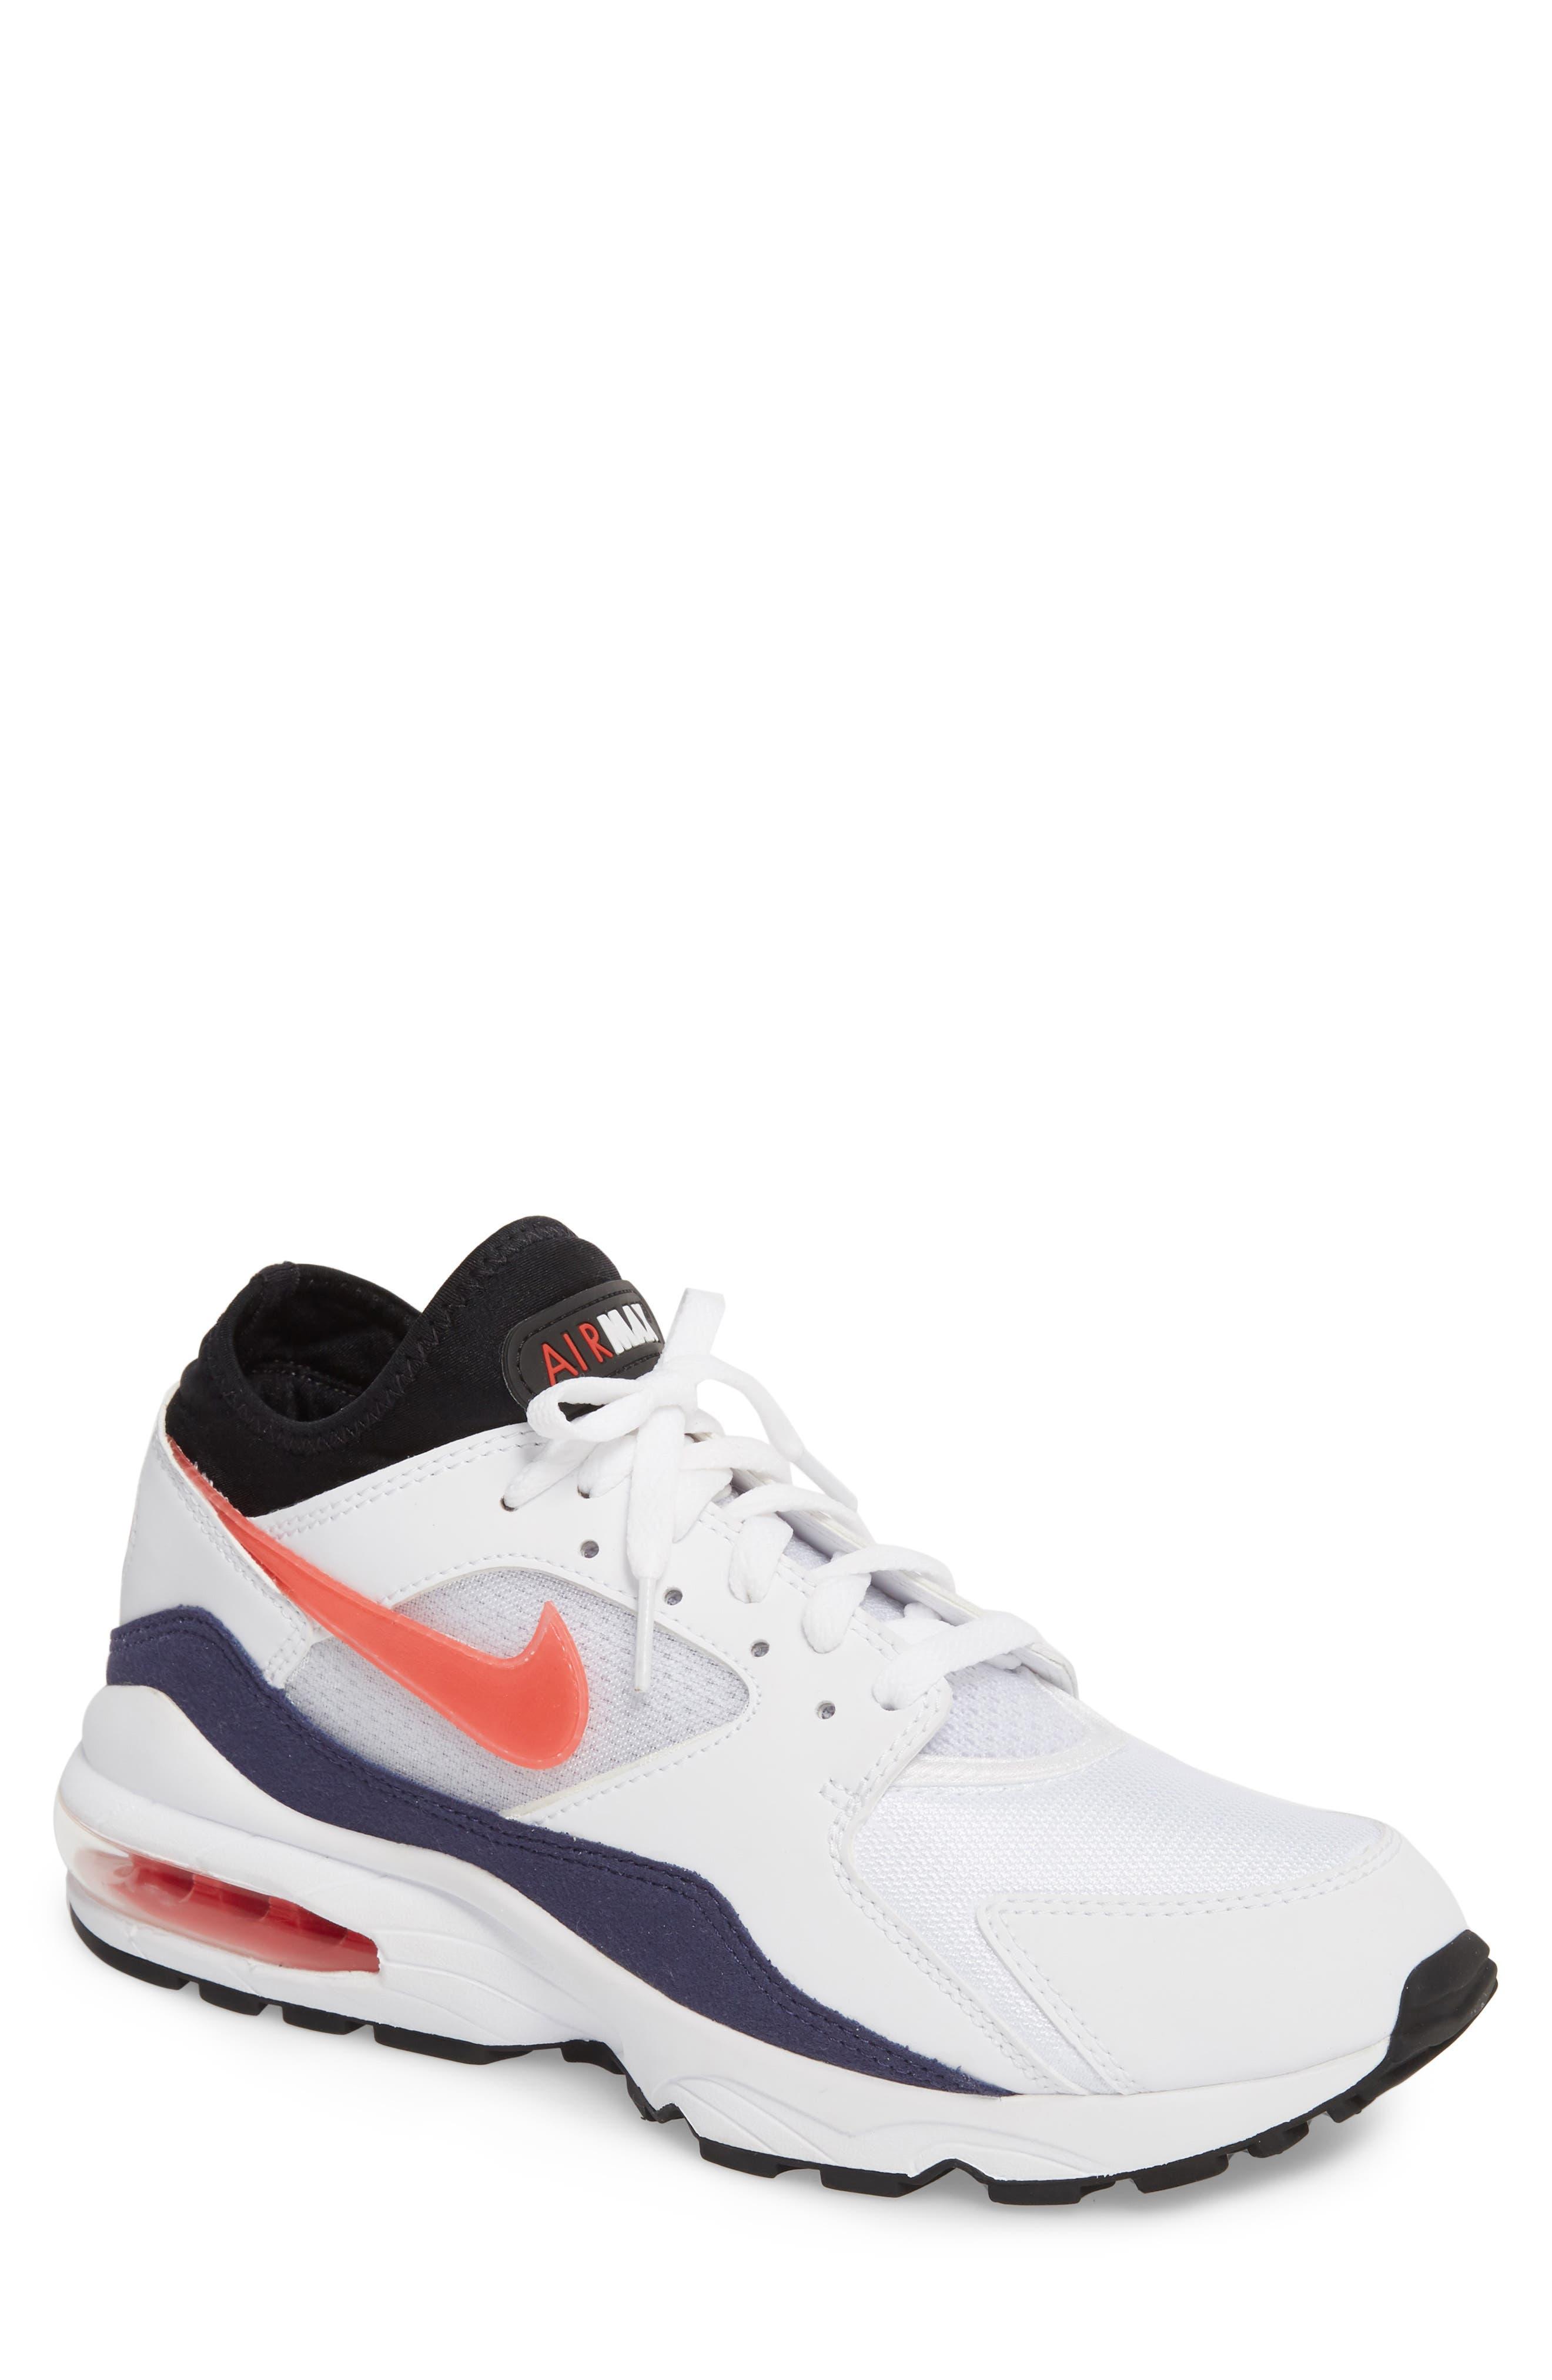 NIKE Air Max 93 Sneaker, Main, color, 102